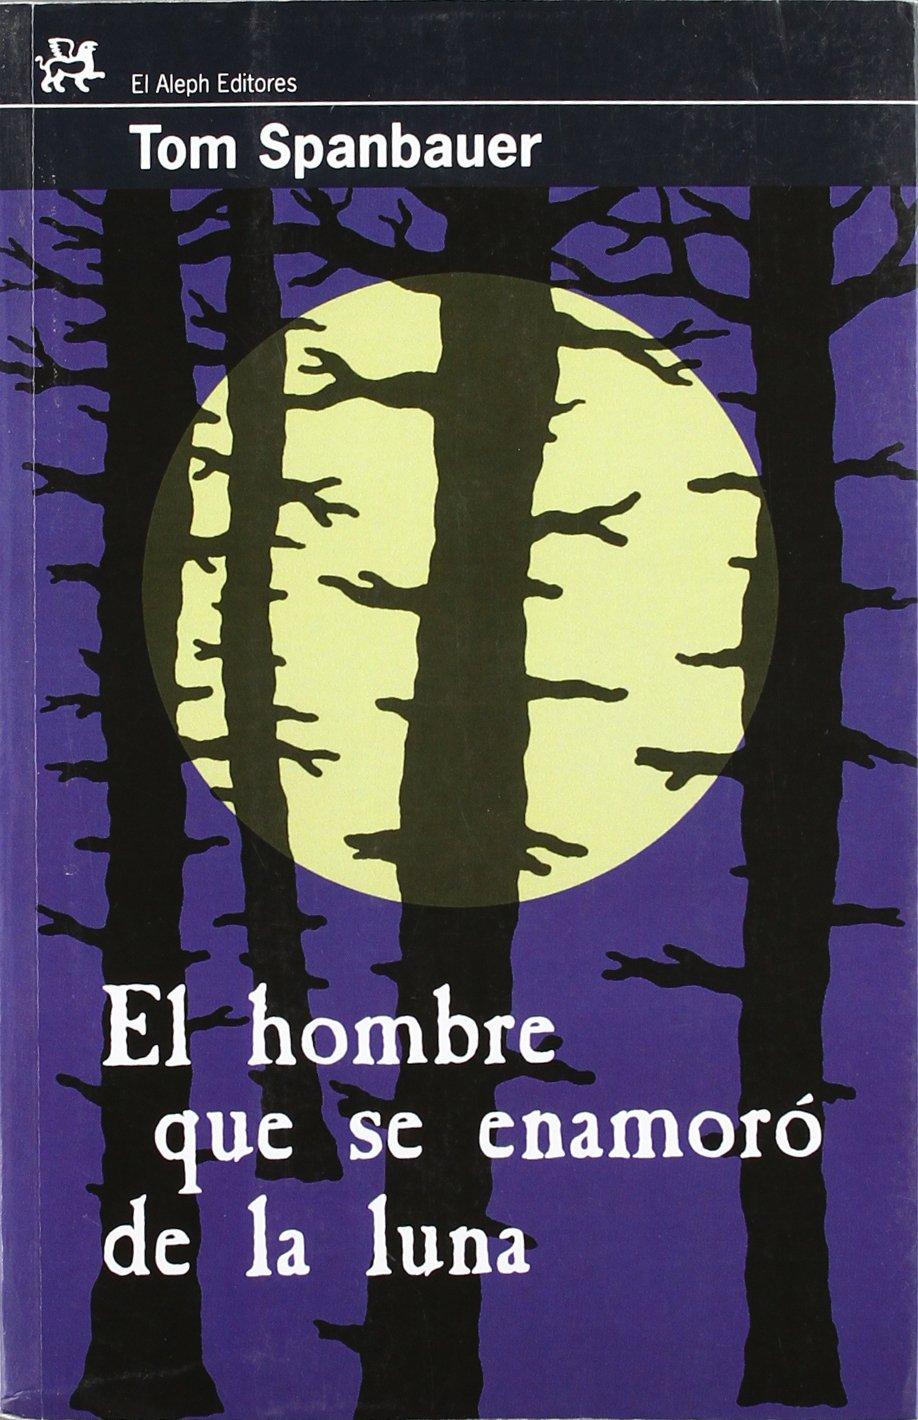 El hombre que se enamoró de la luna: Tom Spanbauer: 9788476697979: Amazon.com: Books